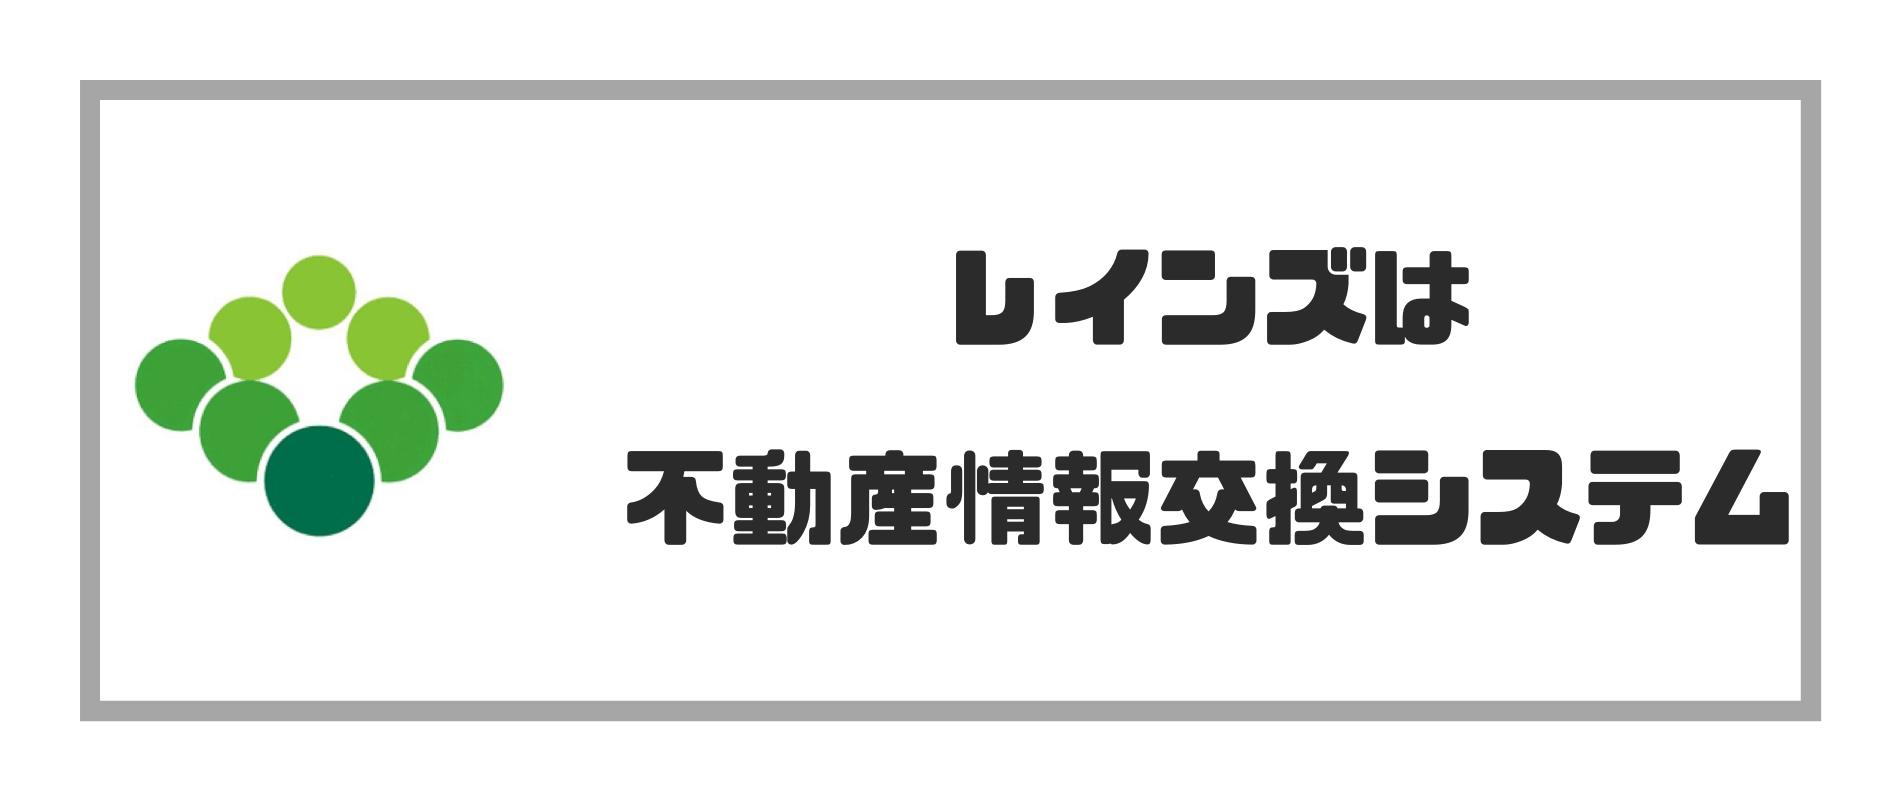 レインズ_不動産情報交換システム